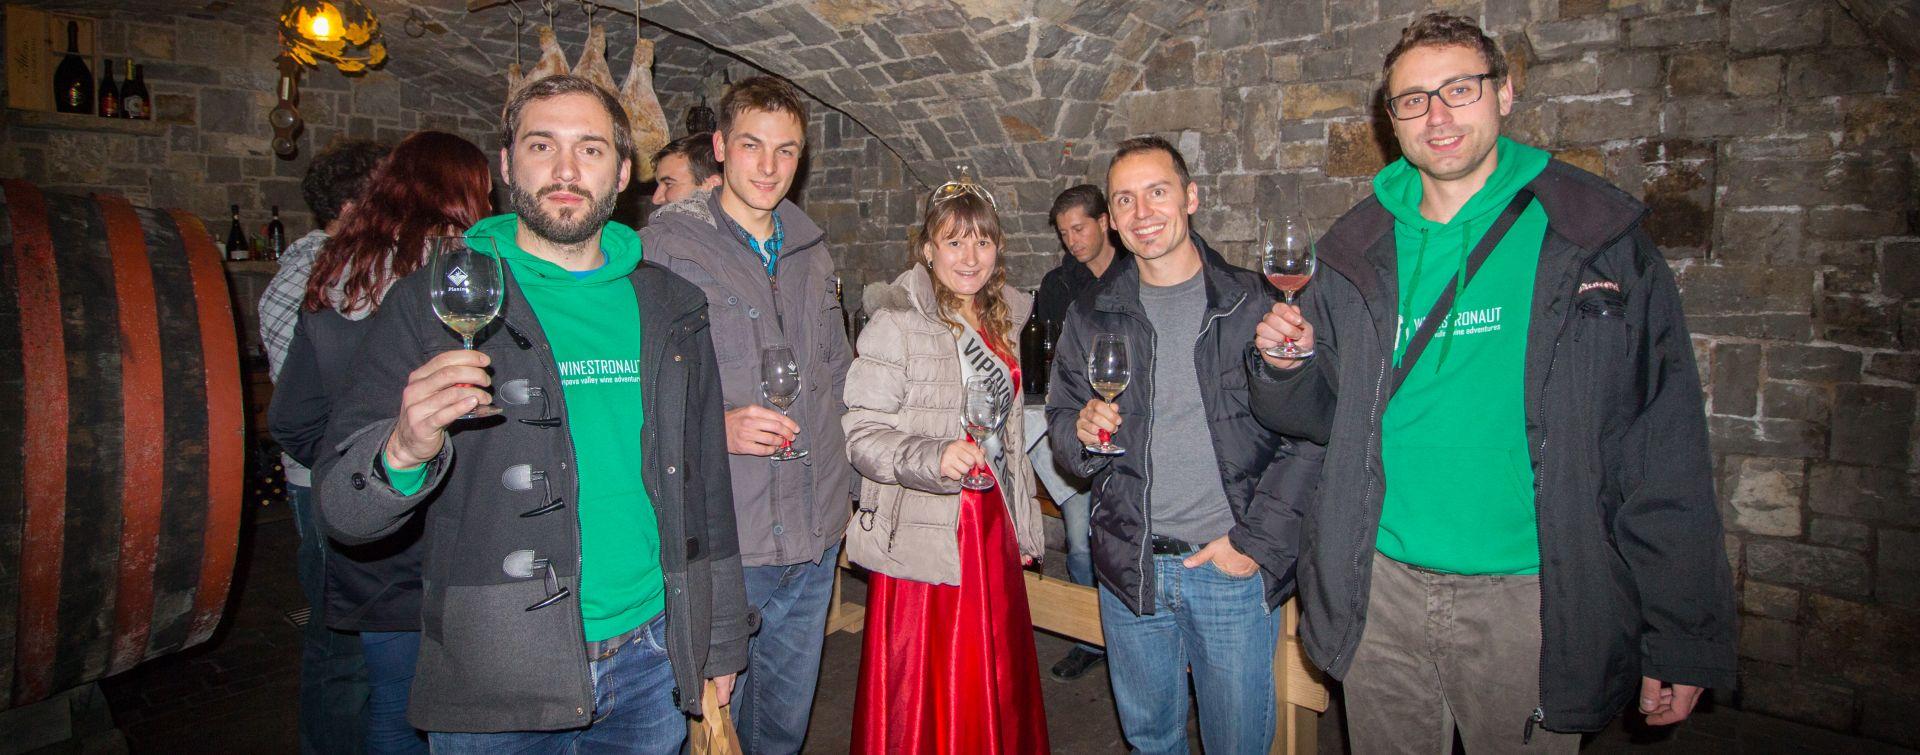 wine cellars in Vipava valley wine queen